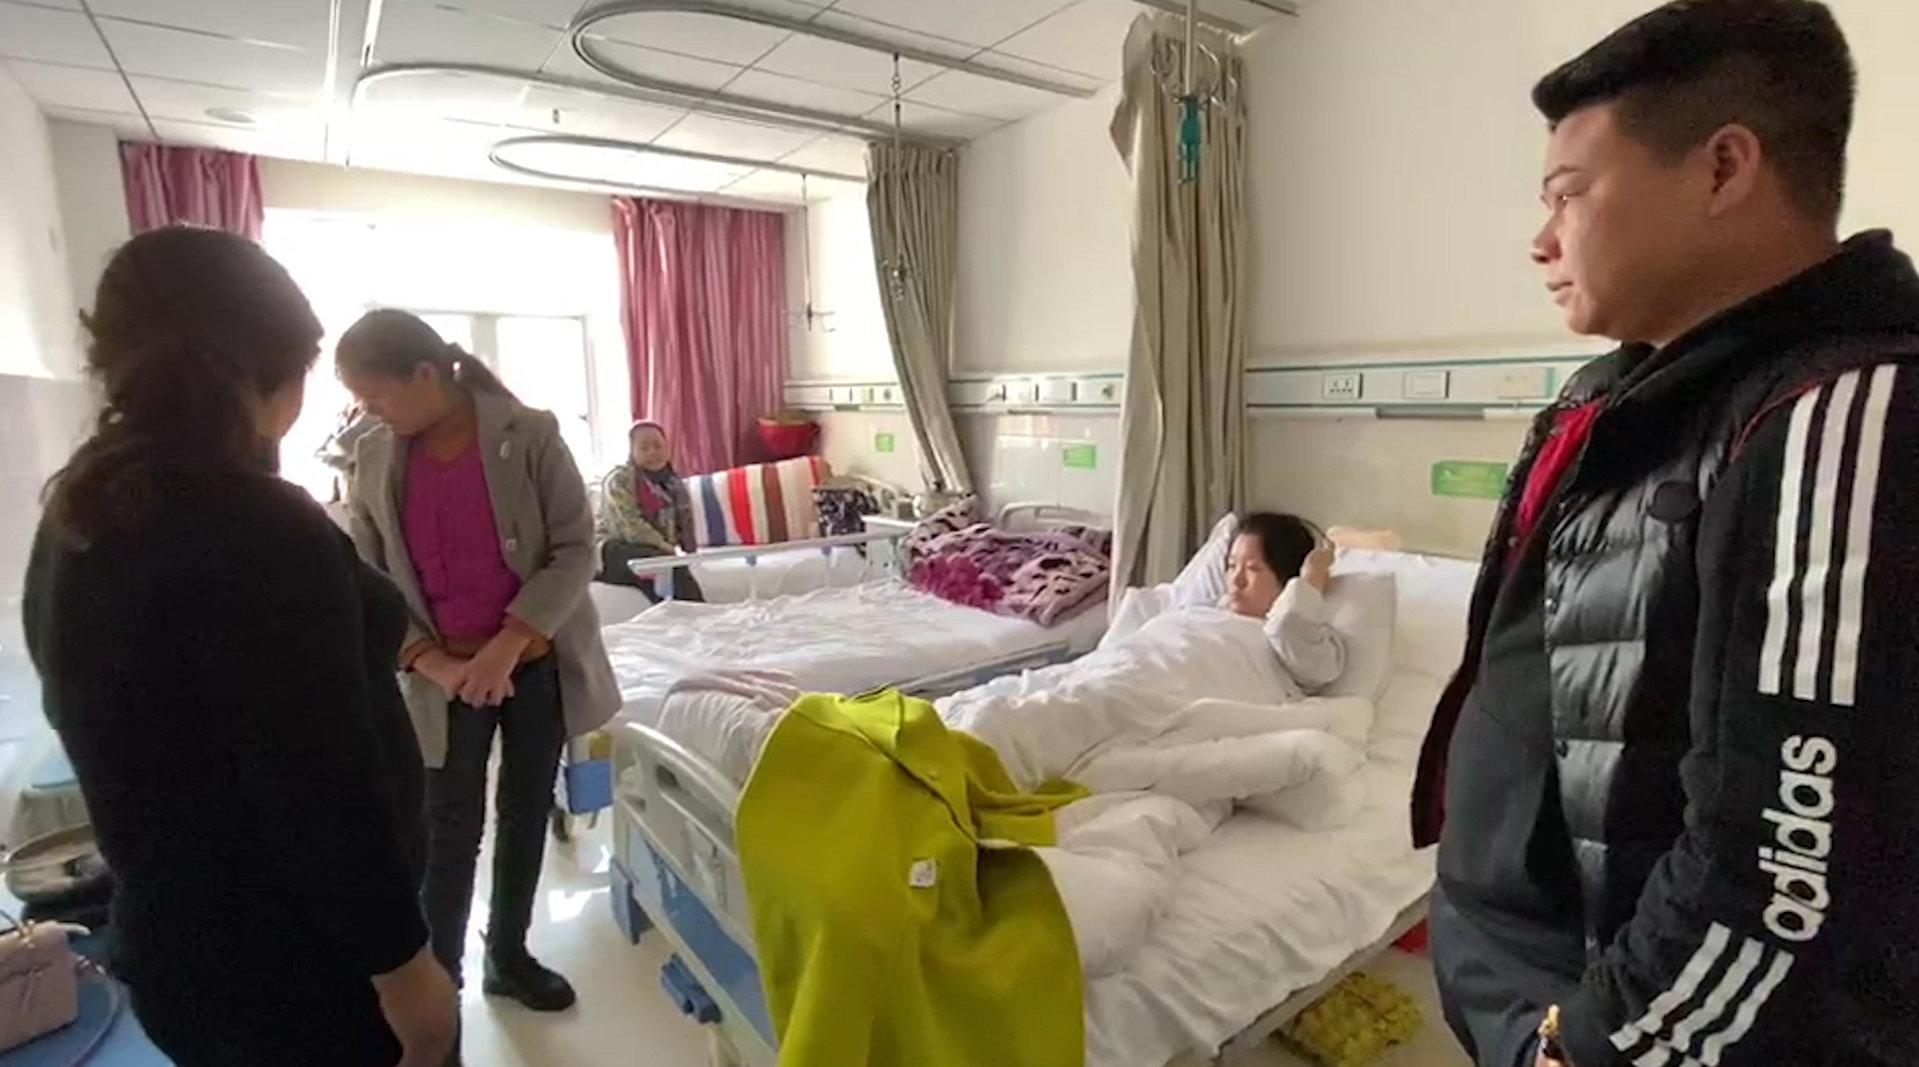 橙视频独家探访贵州女婴被盗医院 孩子母亲称:假护士原想偷邻床男婴